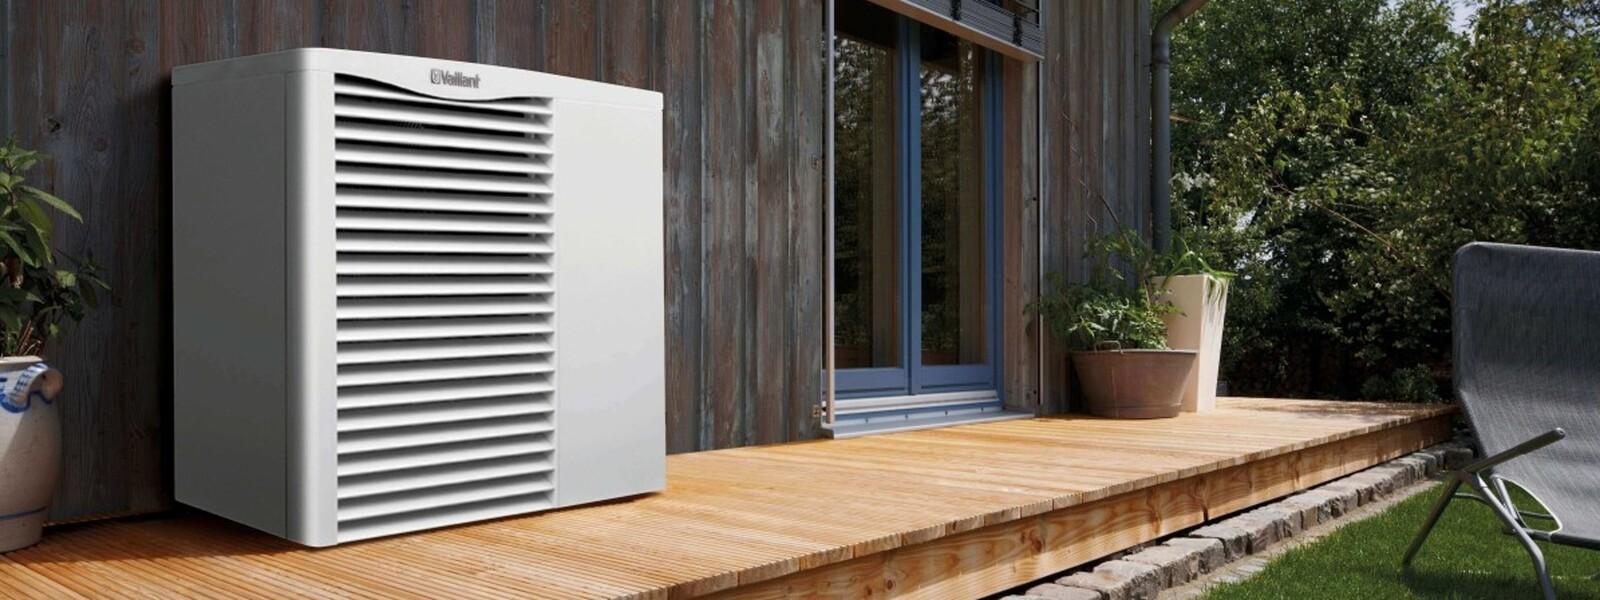 Produktfinder für Ihre neue Wärmepumpe